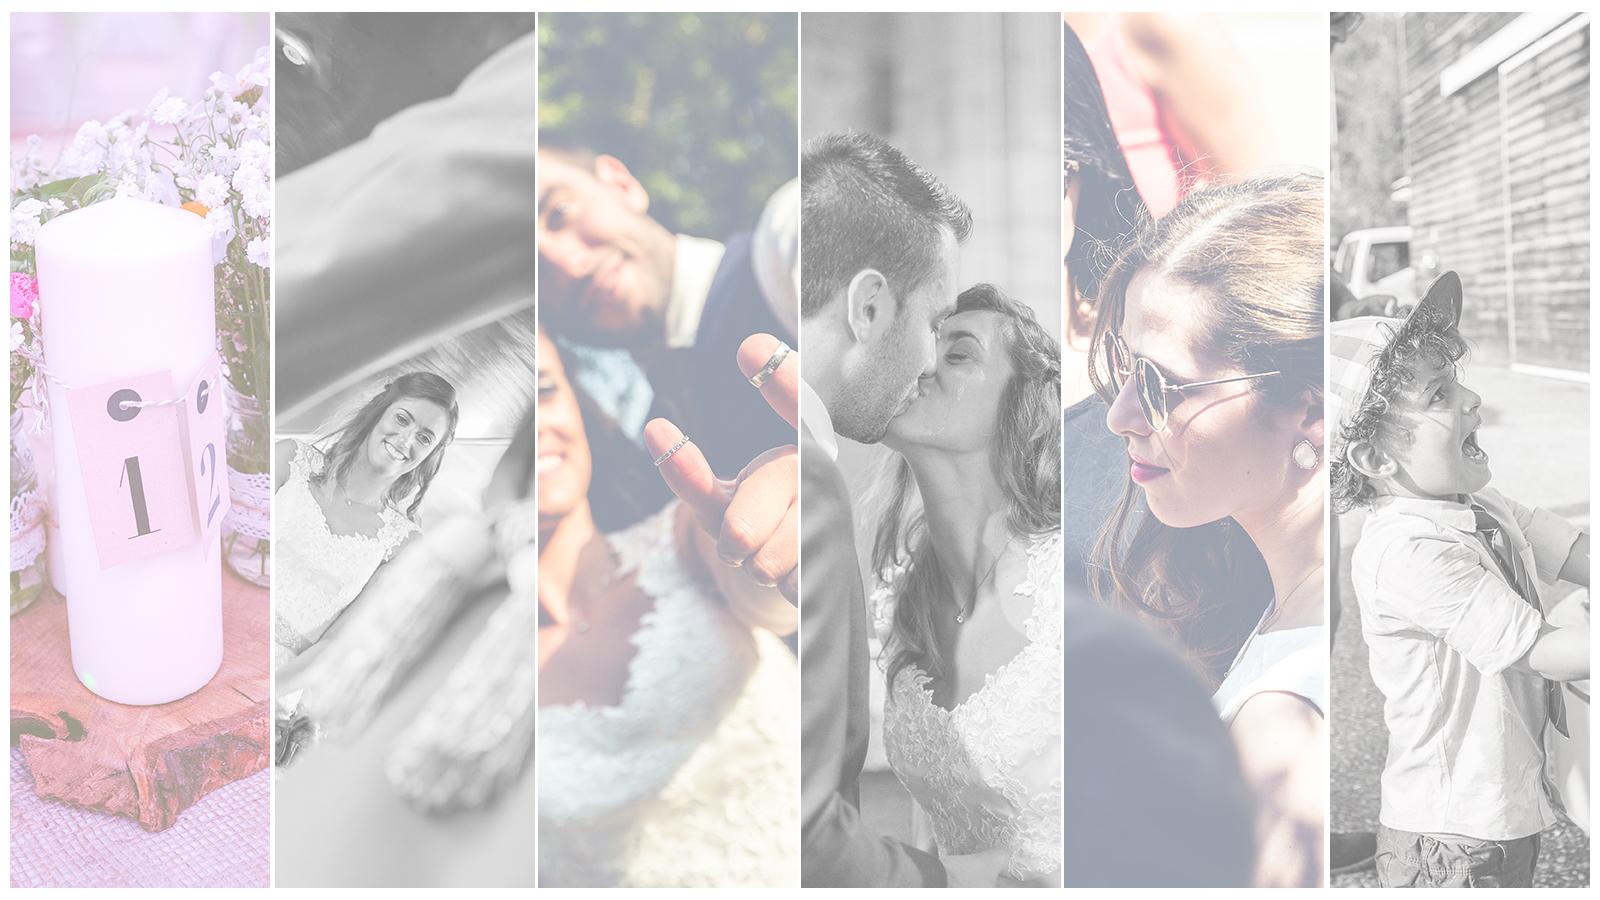 Belles photos reportage mariage Clermont-Ferrand, par L'oeil de Noémie photographie